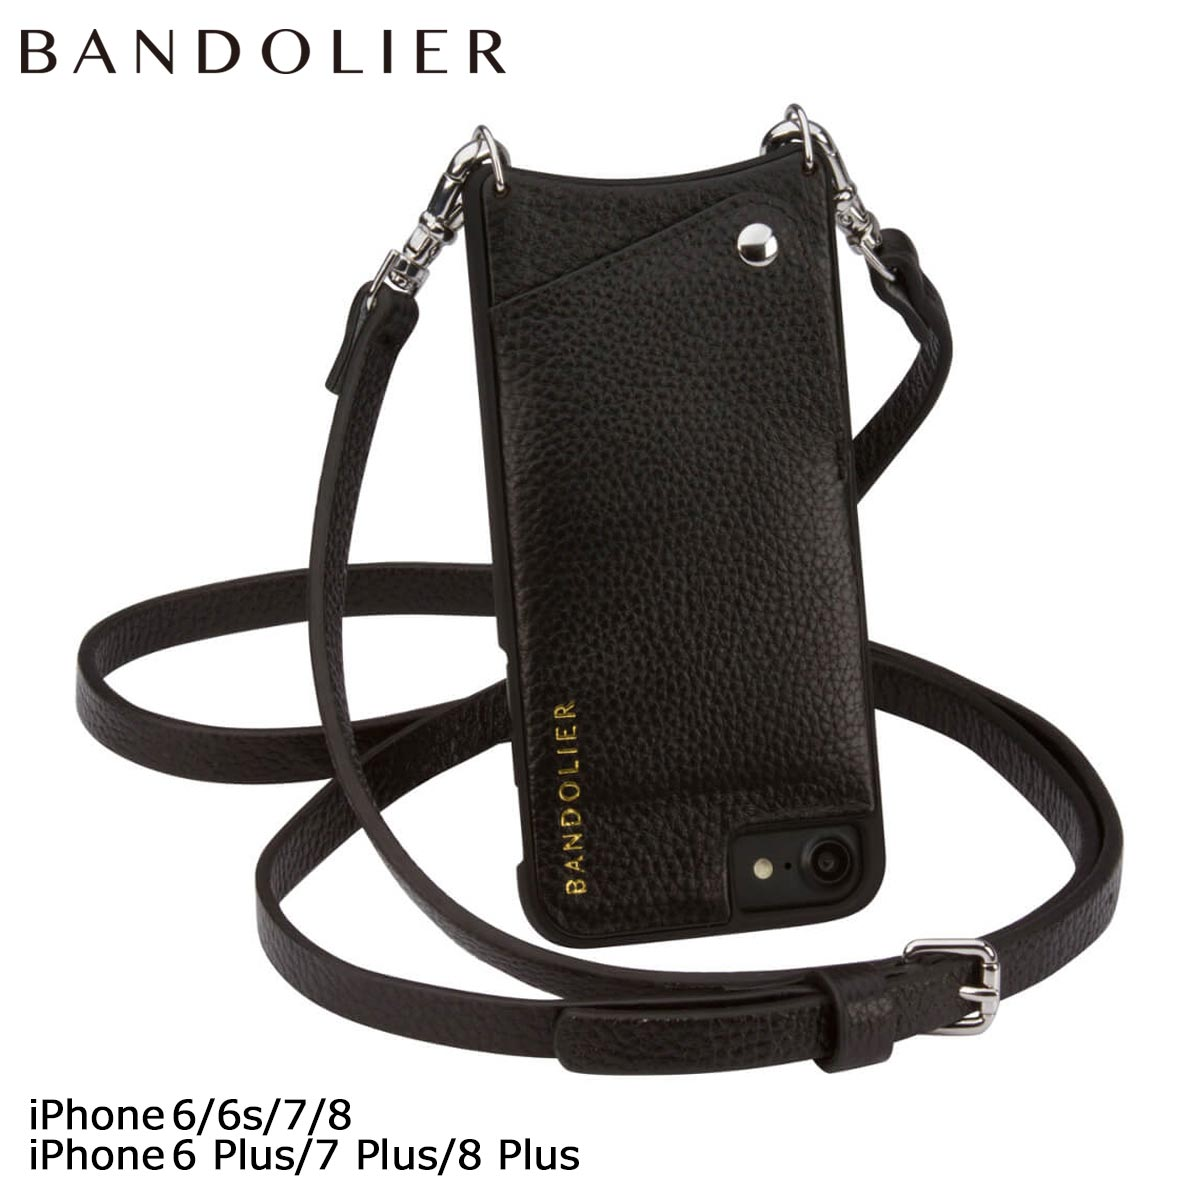 BANDOLIER EMMA バンドリヤー iPhone8 iPhone7 7Plus 6s ケース スマホ アイフォン プラス レザー メンズ レディース